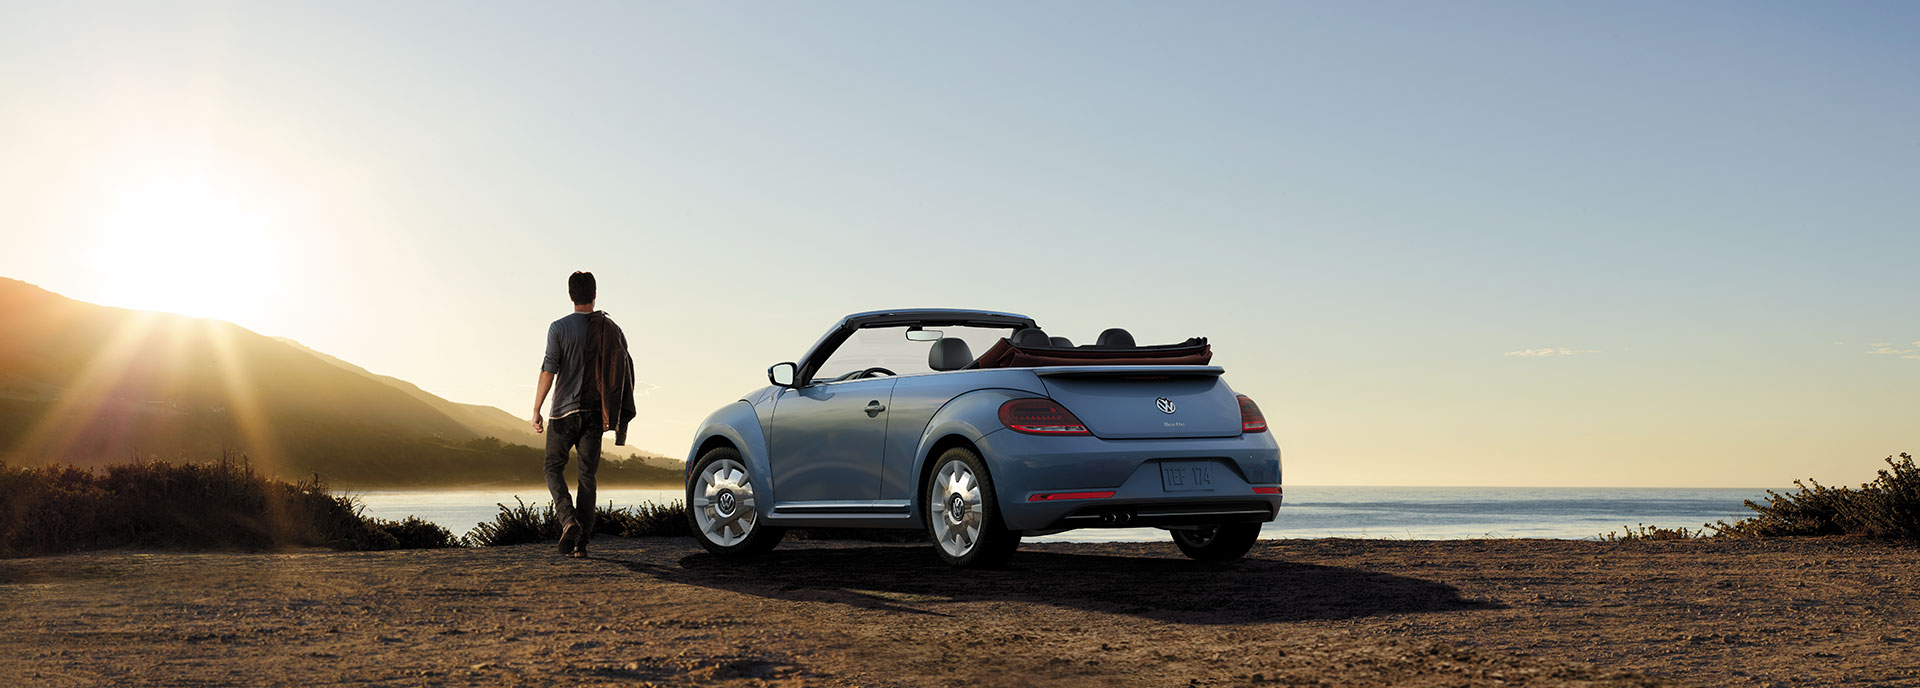 Volkswagen Beetle Convertible Hero Image